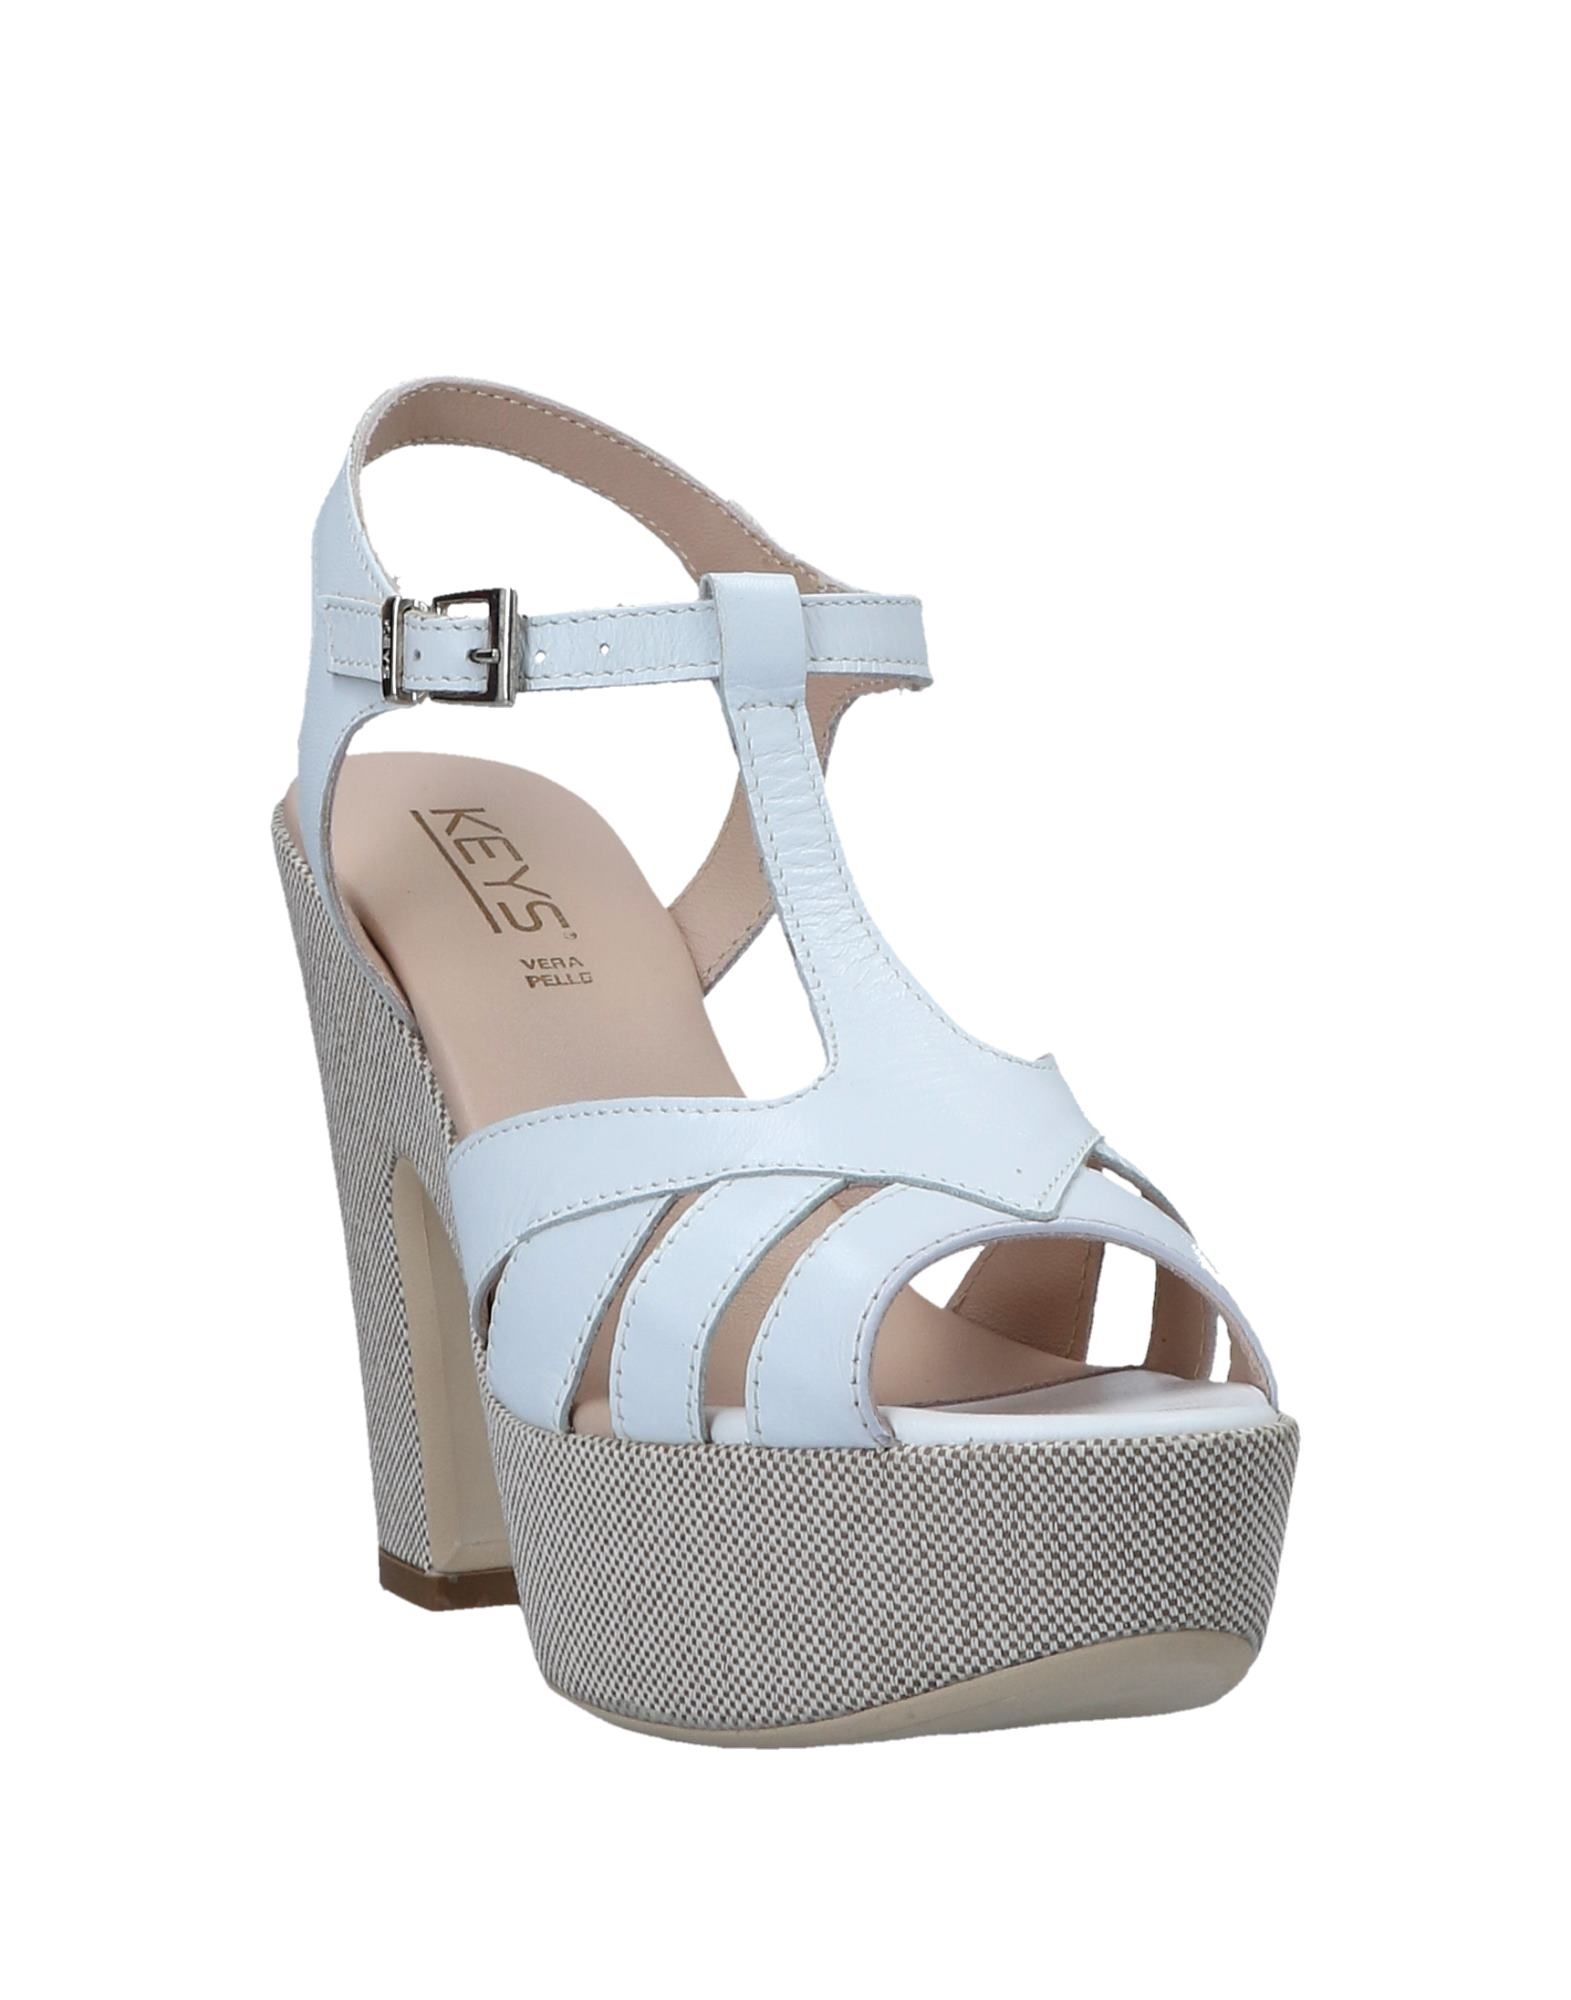 Keys Sandalen Damen  11551565OQ Schuhe Gute Qualität beliebte Schuhe 11551565OQ e84964